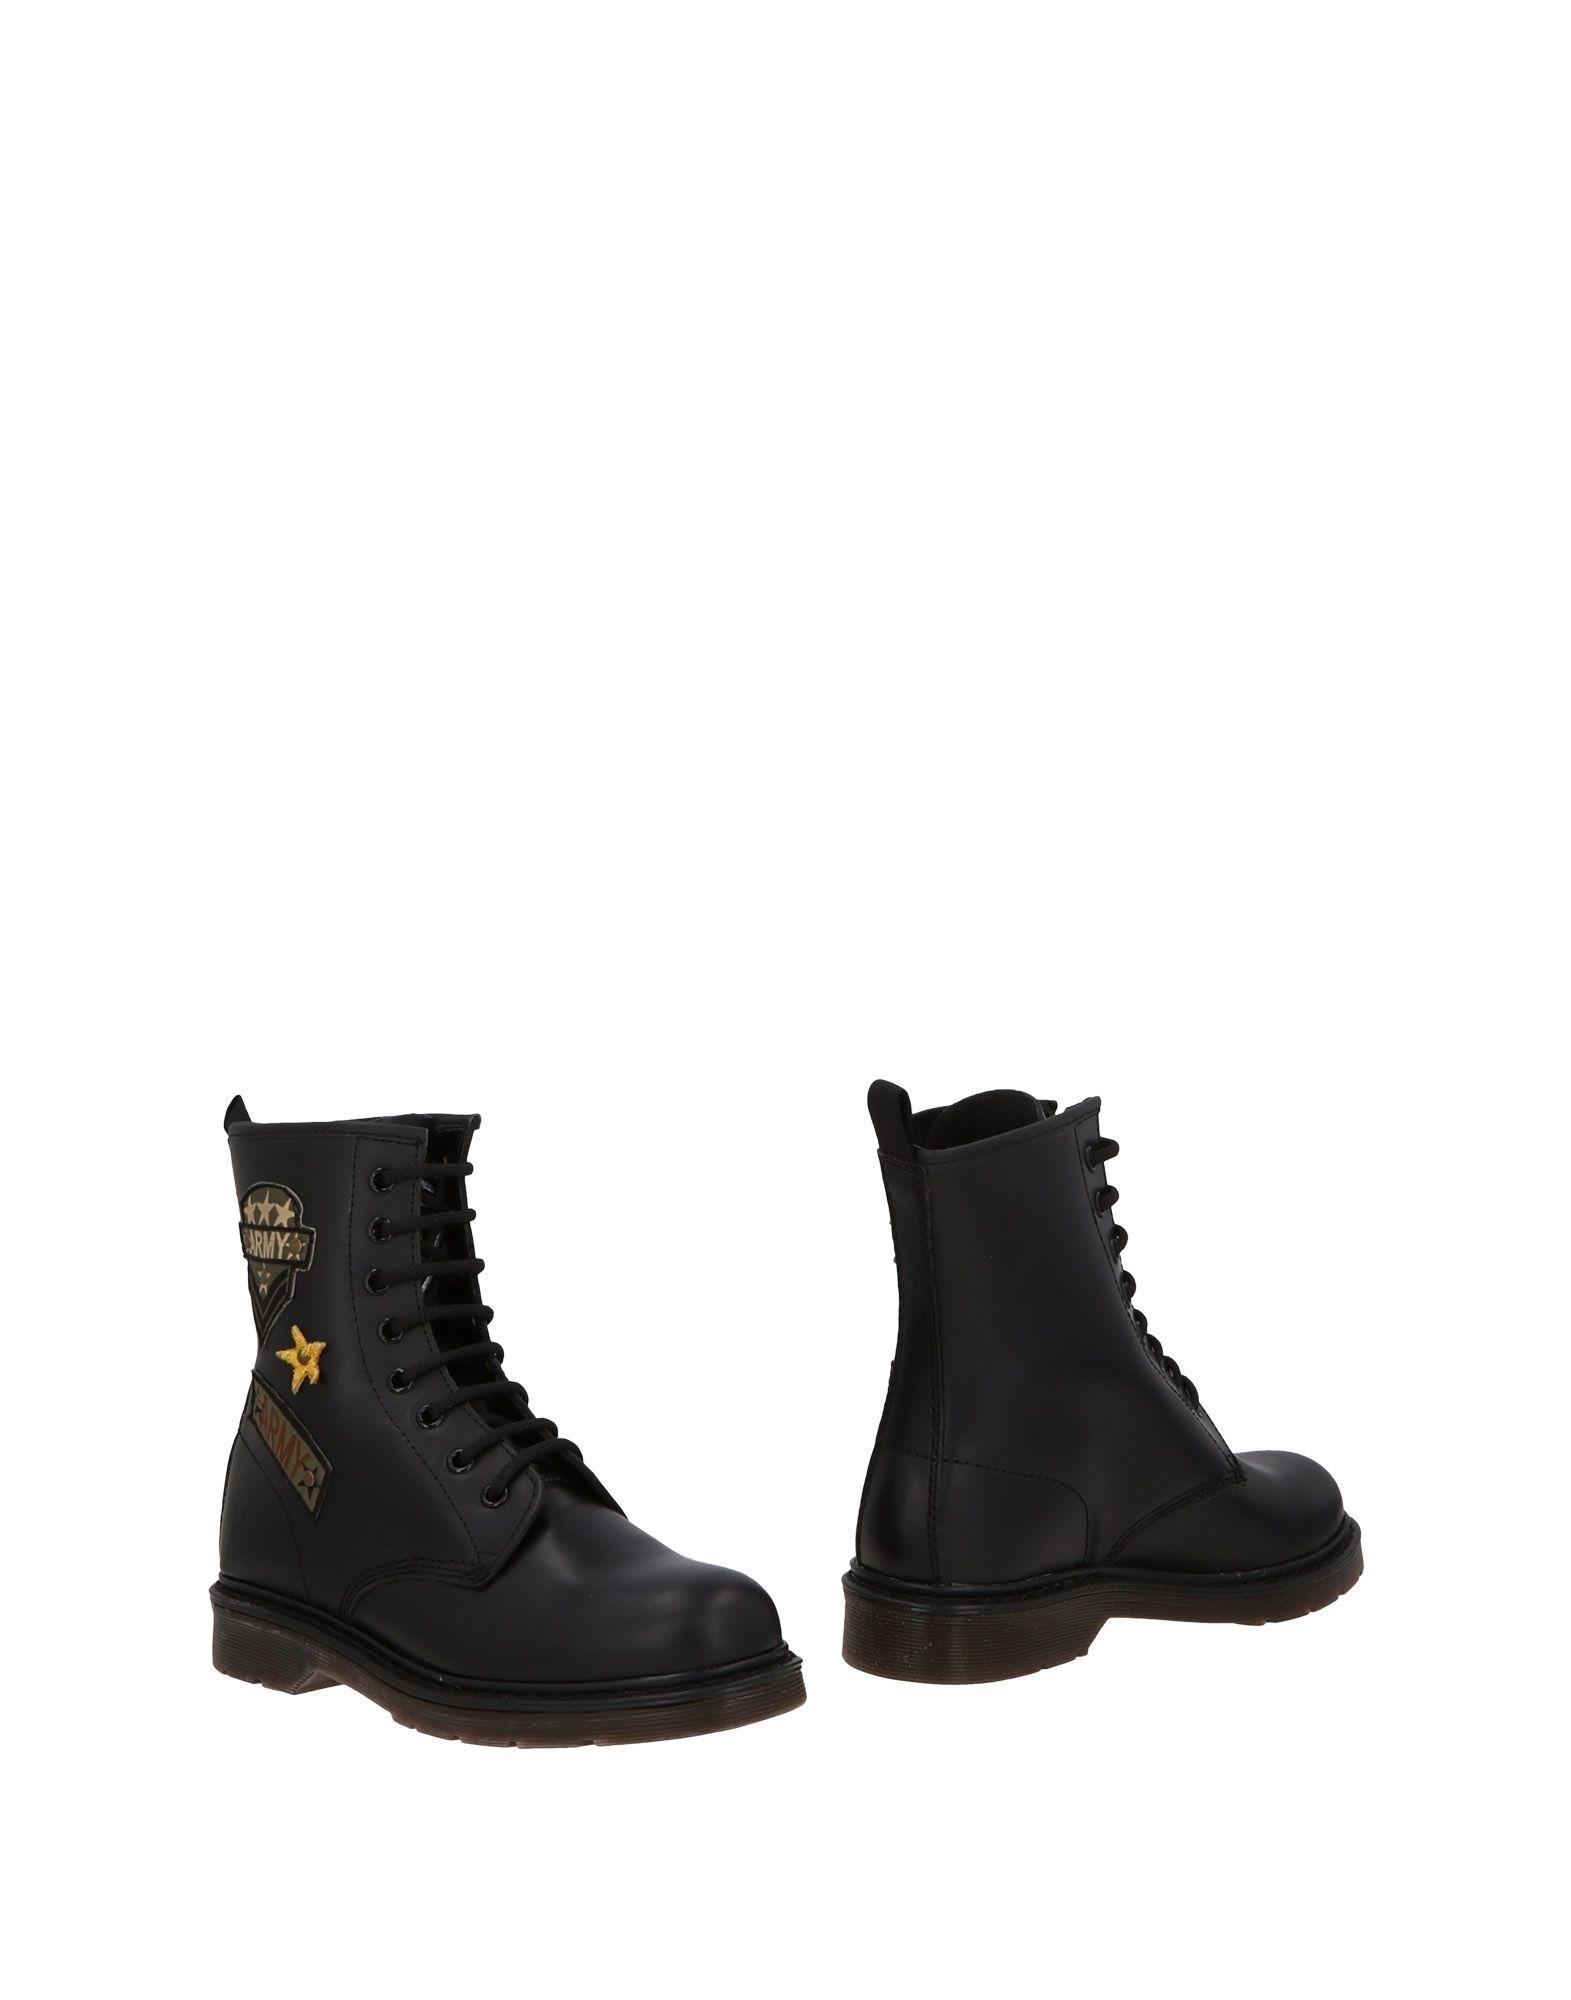 Police 883 Stiefelette Damen  11475866GH Gute Qualität beliebte Schuhe